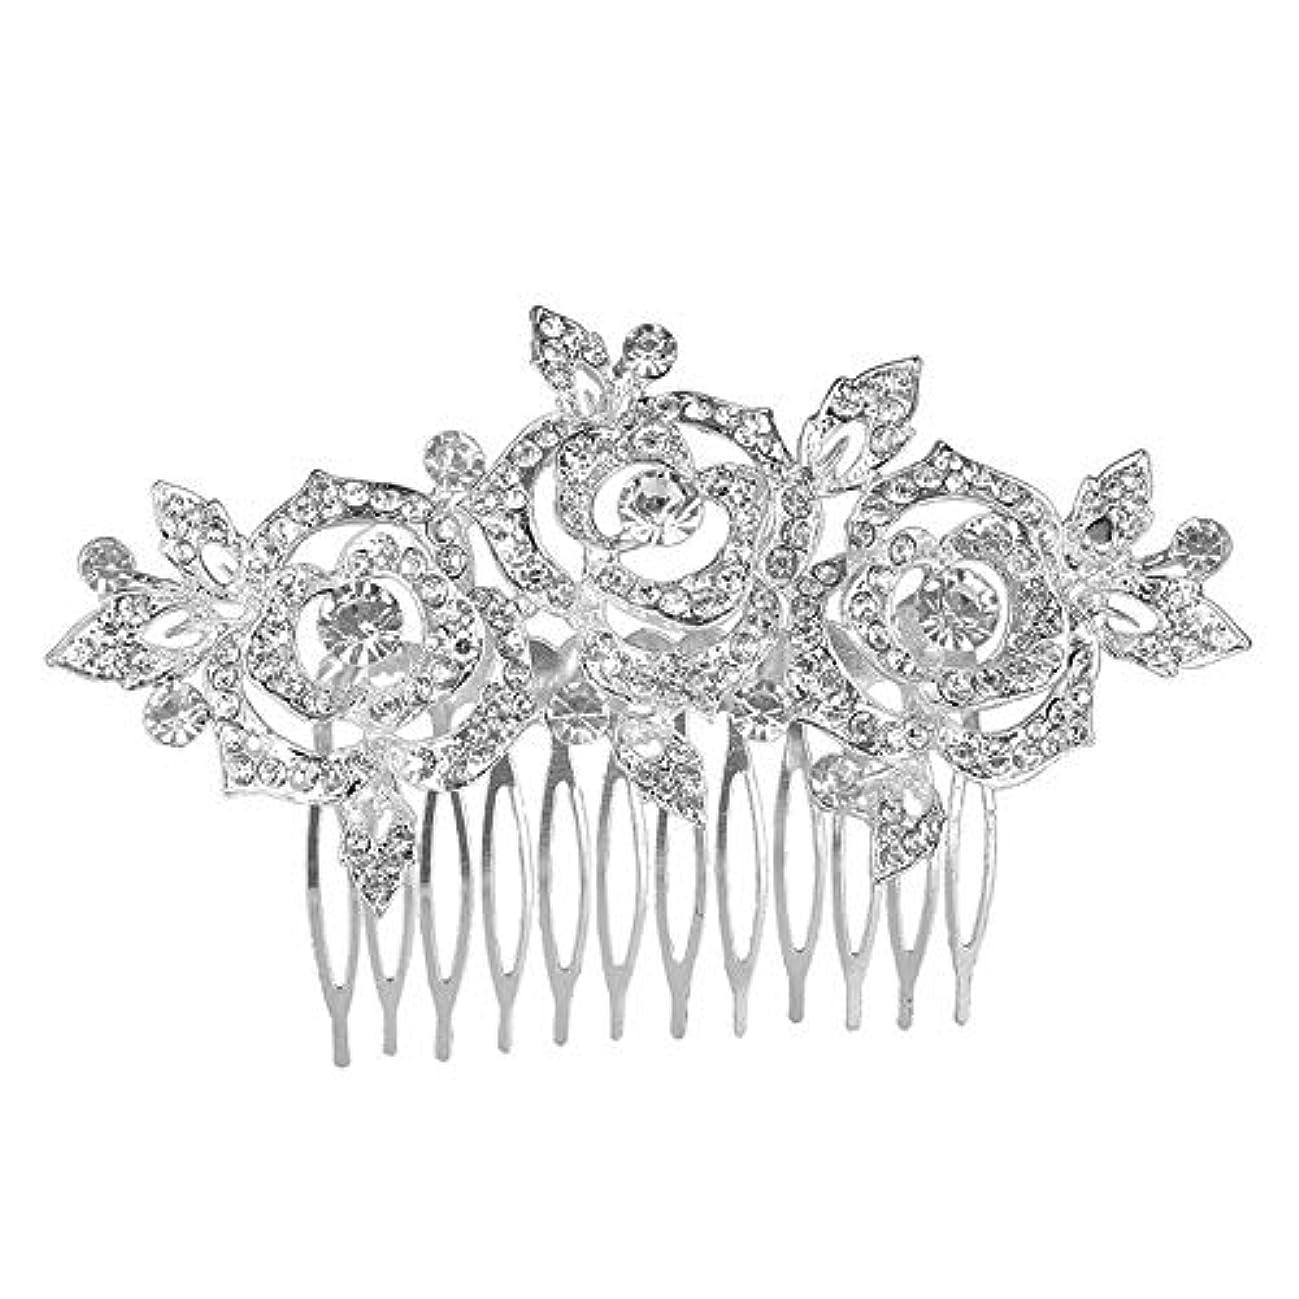 フルートどちらも風髪の櫛挿入櫛花嫁の髪櫛クラウン髪の櫛結婚式の付属品櫛の髪の櫛花の櫛の櫛ブライダルヘッドドレス